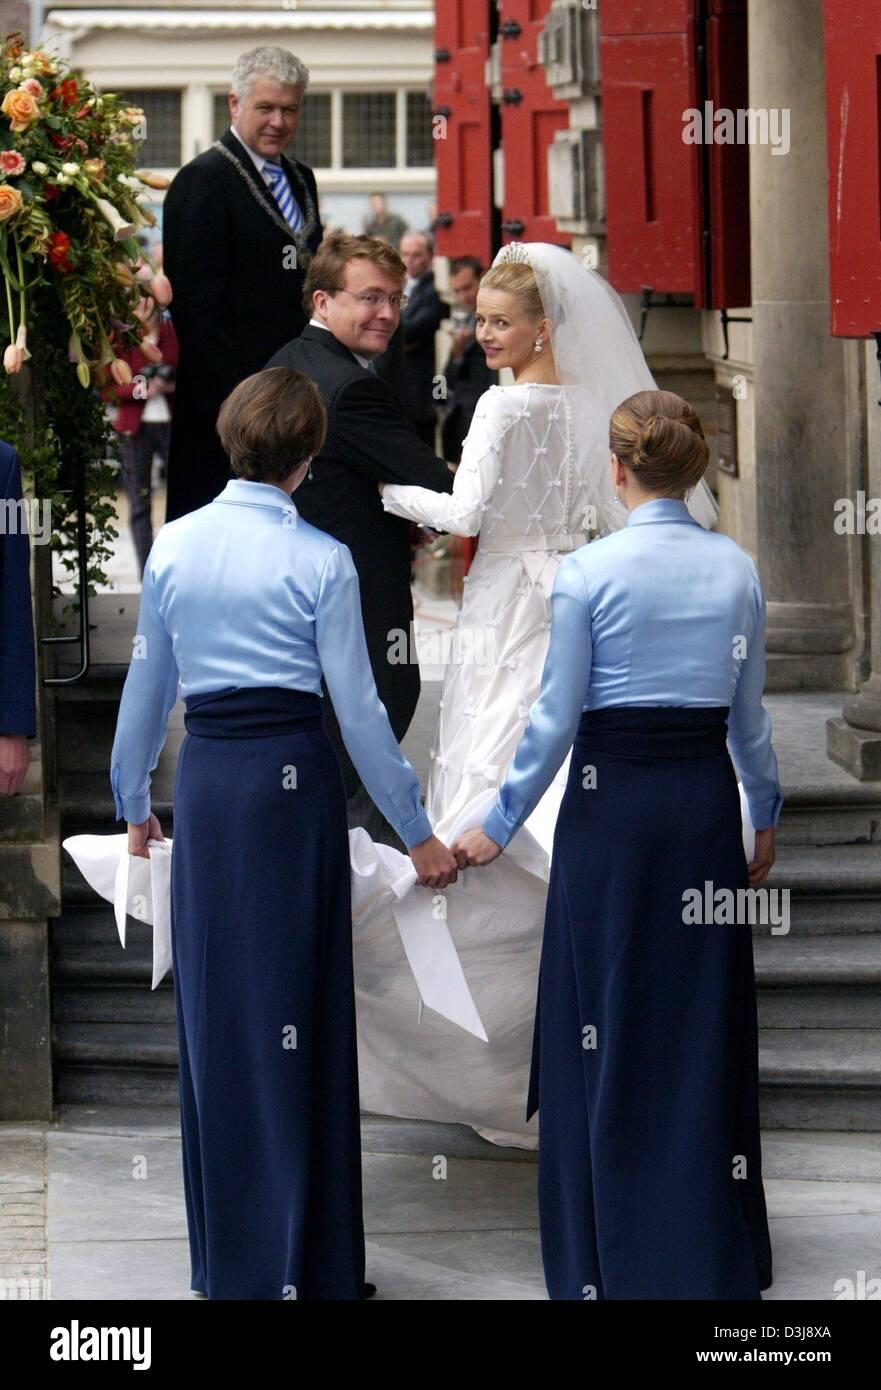 rencontres et le mariage aux Pays-Bas